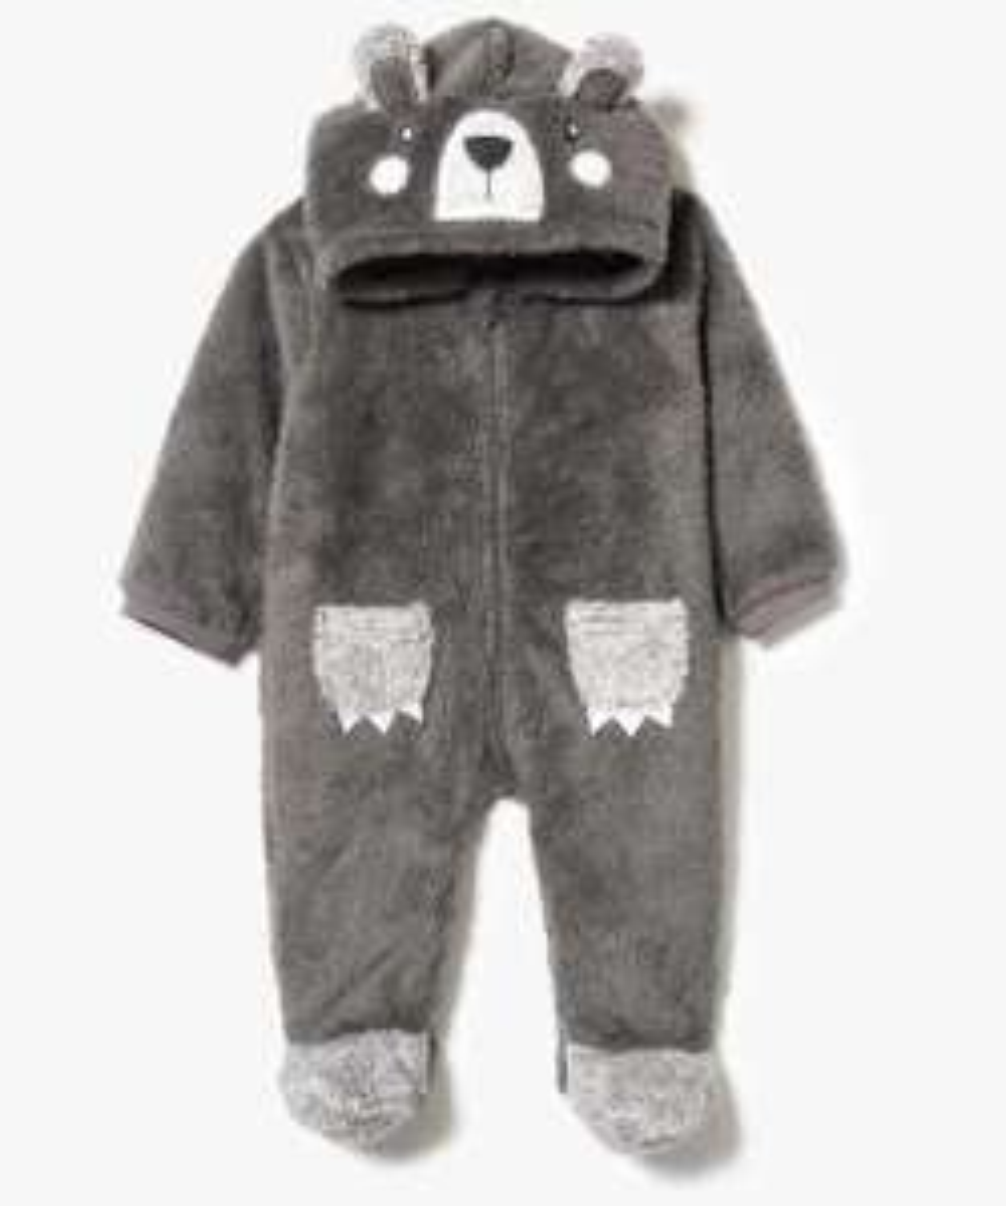 Sélection de combinaisons pyjamas en promotion - Ex : modèle ours pour enfant